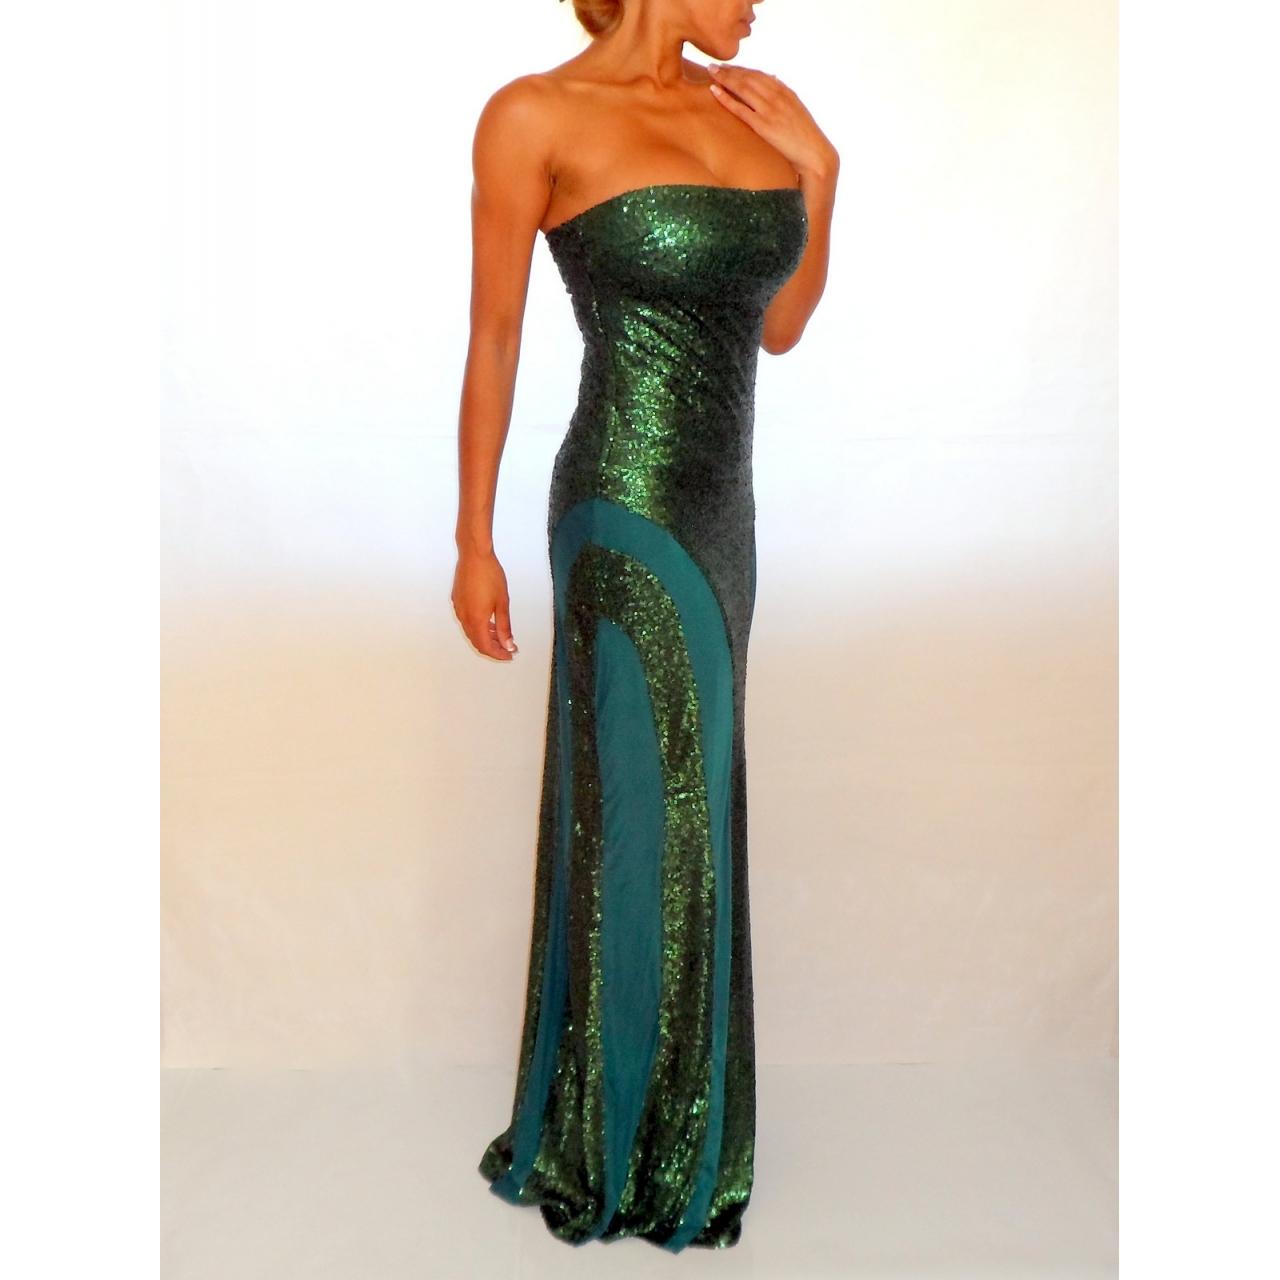 Emerald Green Sequin Amp Mesh Maxi Dress Rocka Frock